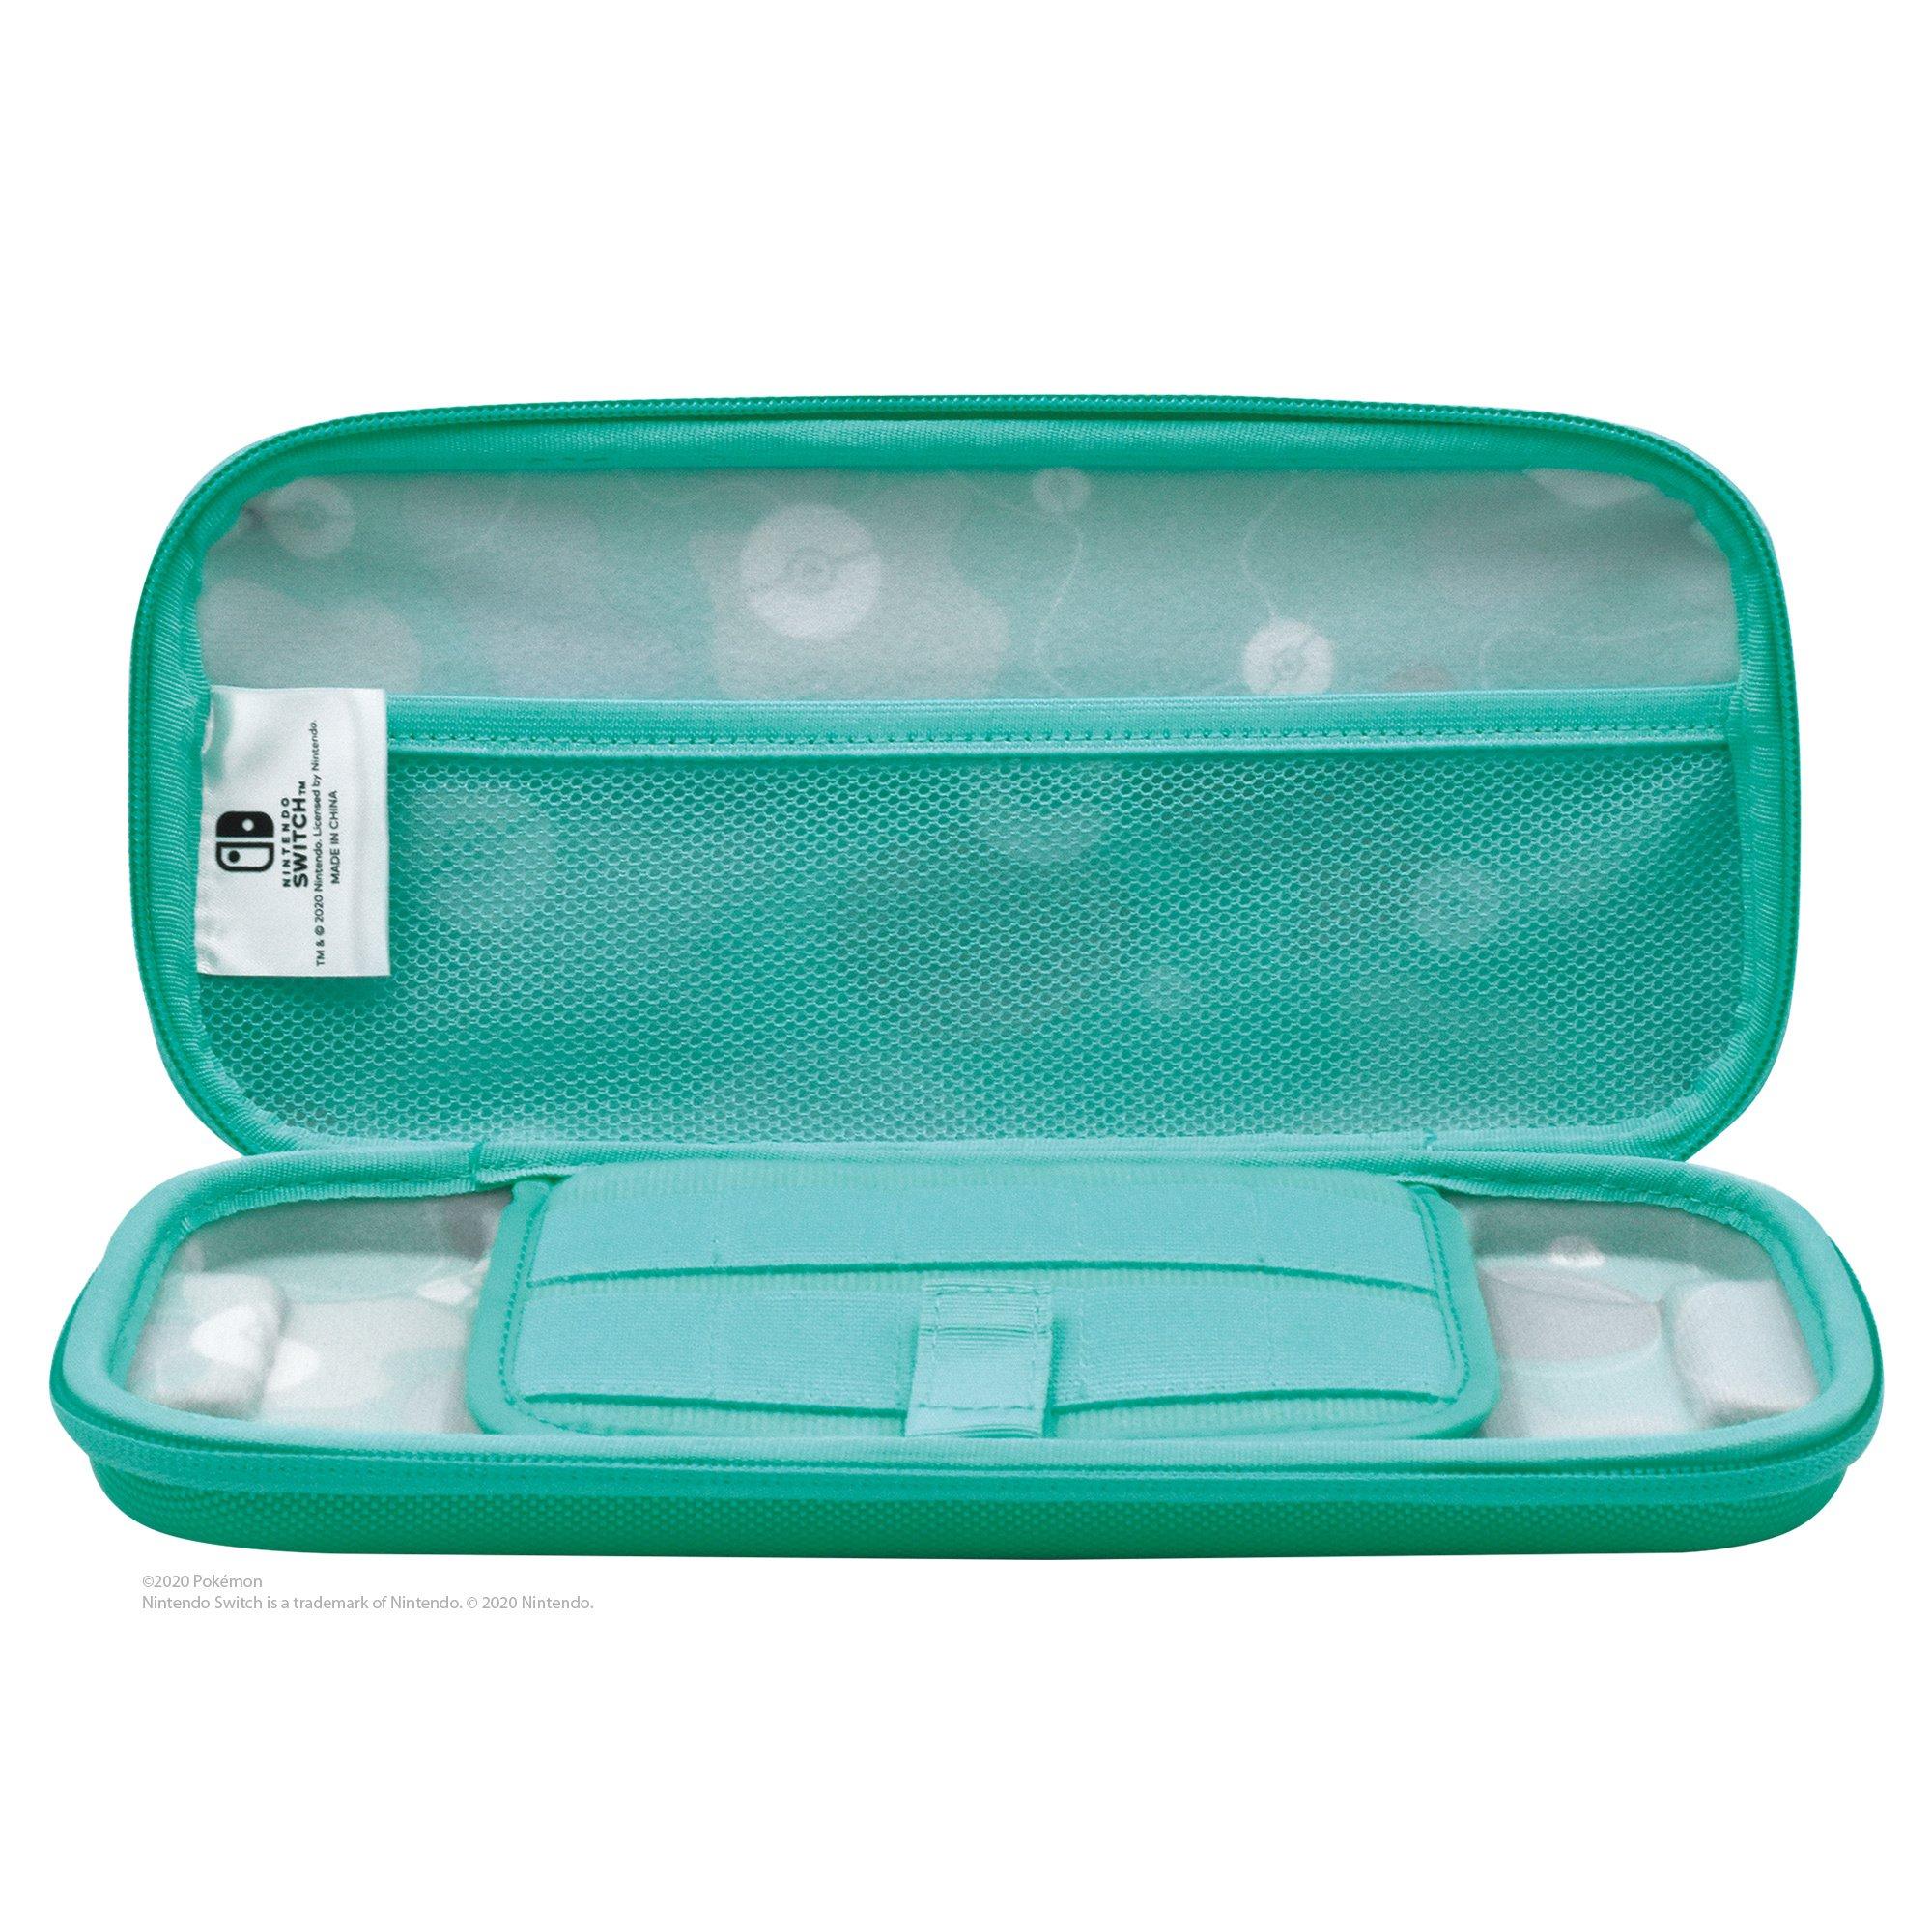 Vault Case (Pikachu & Friends) Package Image1